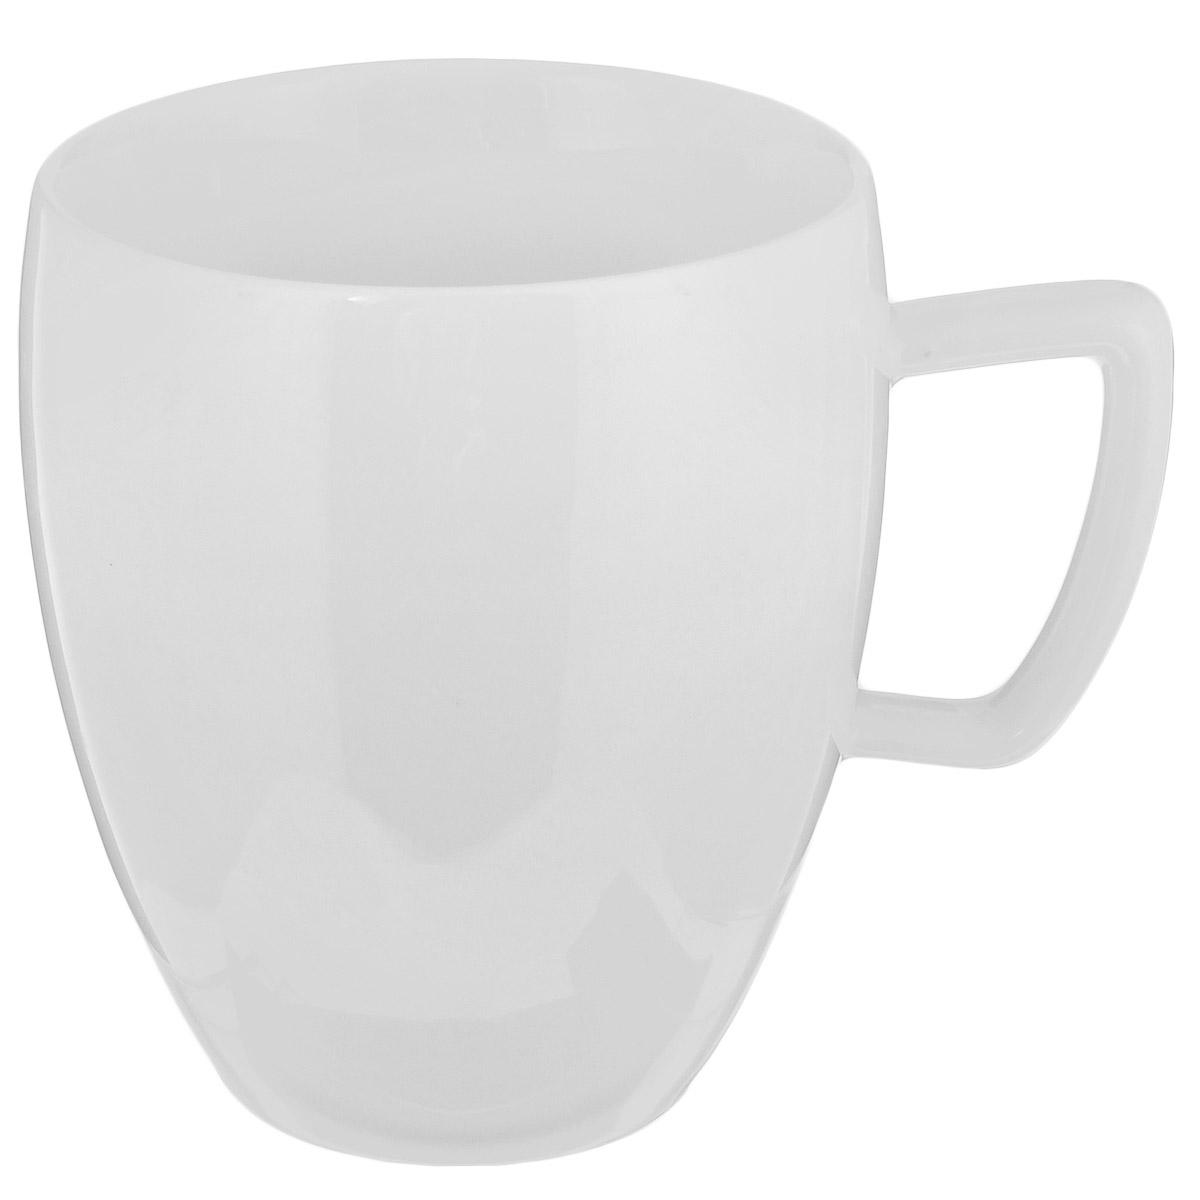 """Чашка Tescoma """"Crema"""" выполнена из высококачественного фарфора однотонного цвета и прекрасно подойдет для вашей кухни. Чашка изысканно украсит сервировку как обеденного, так и праздничного стола. Предназначена подачи кофе и чая.  Пригодна для использования в микроволновой печи. Можно мыть в посудомоечной машине. Диаметр по верхнему краю: 8 см. Высота: 9 см. Объем: 300 мл."""